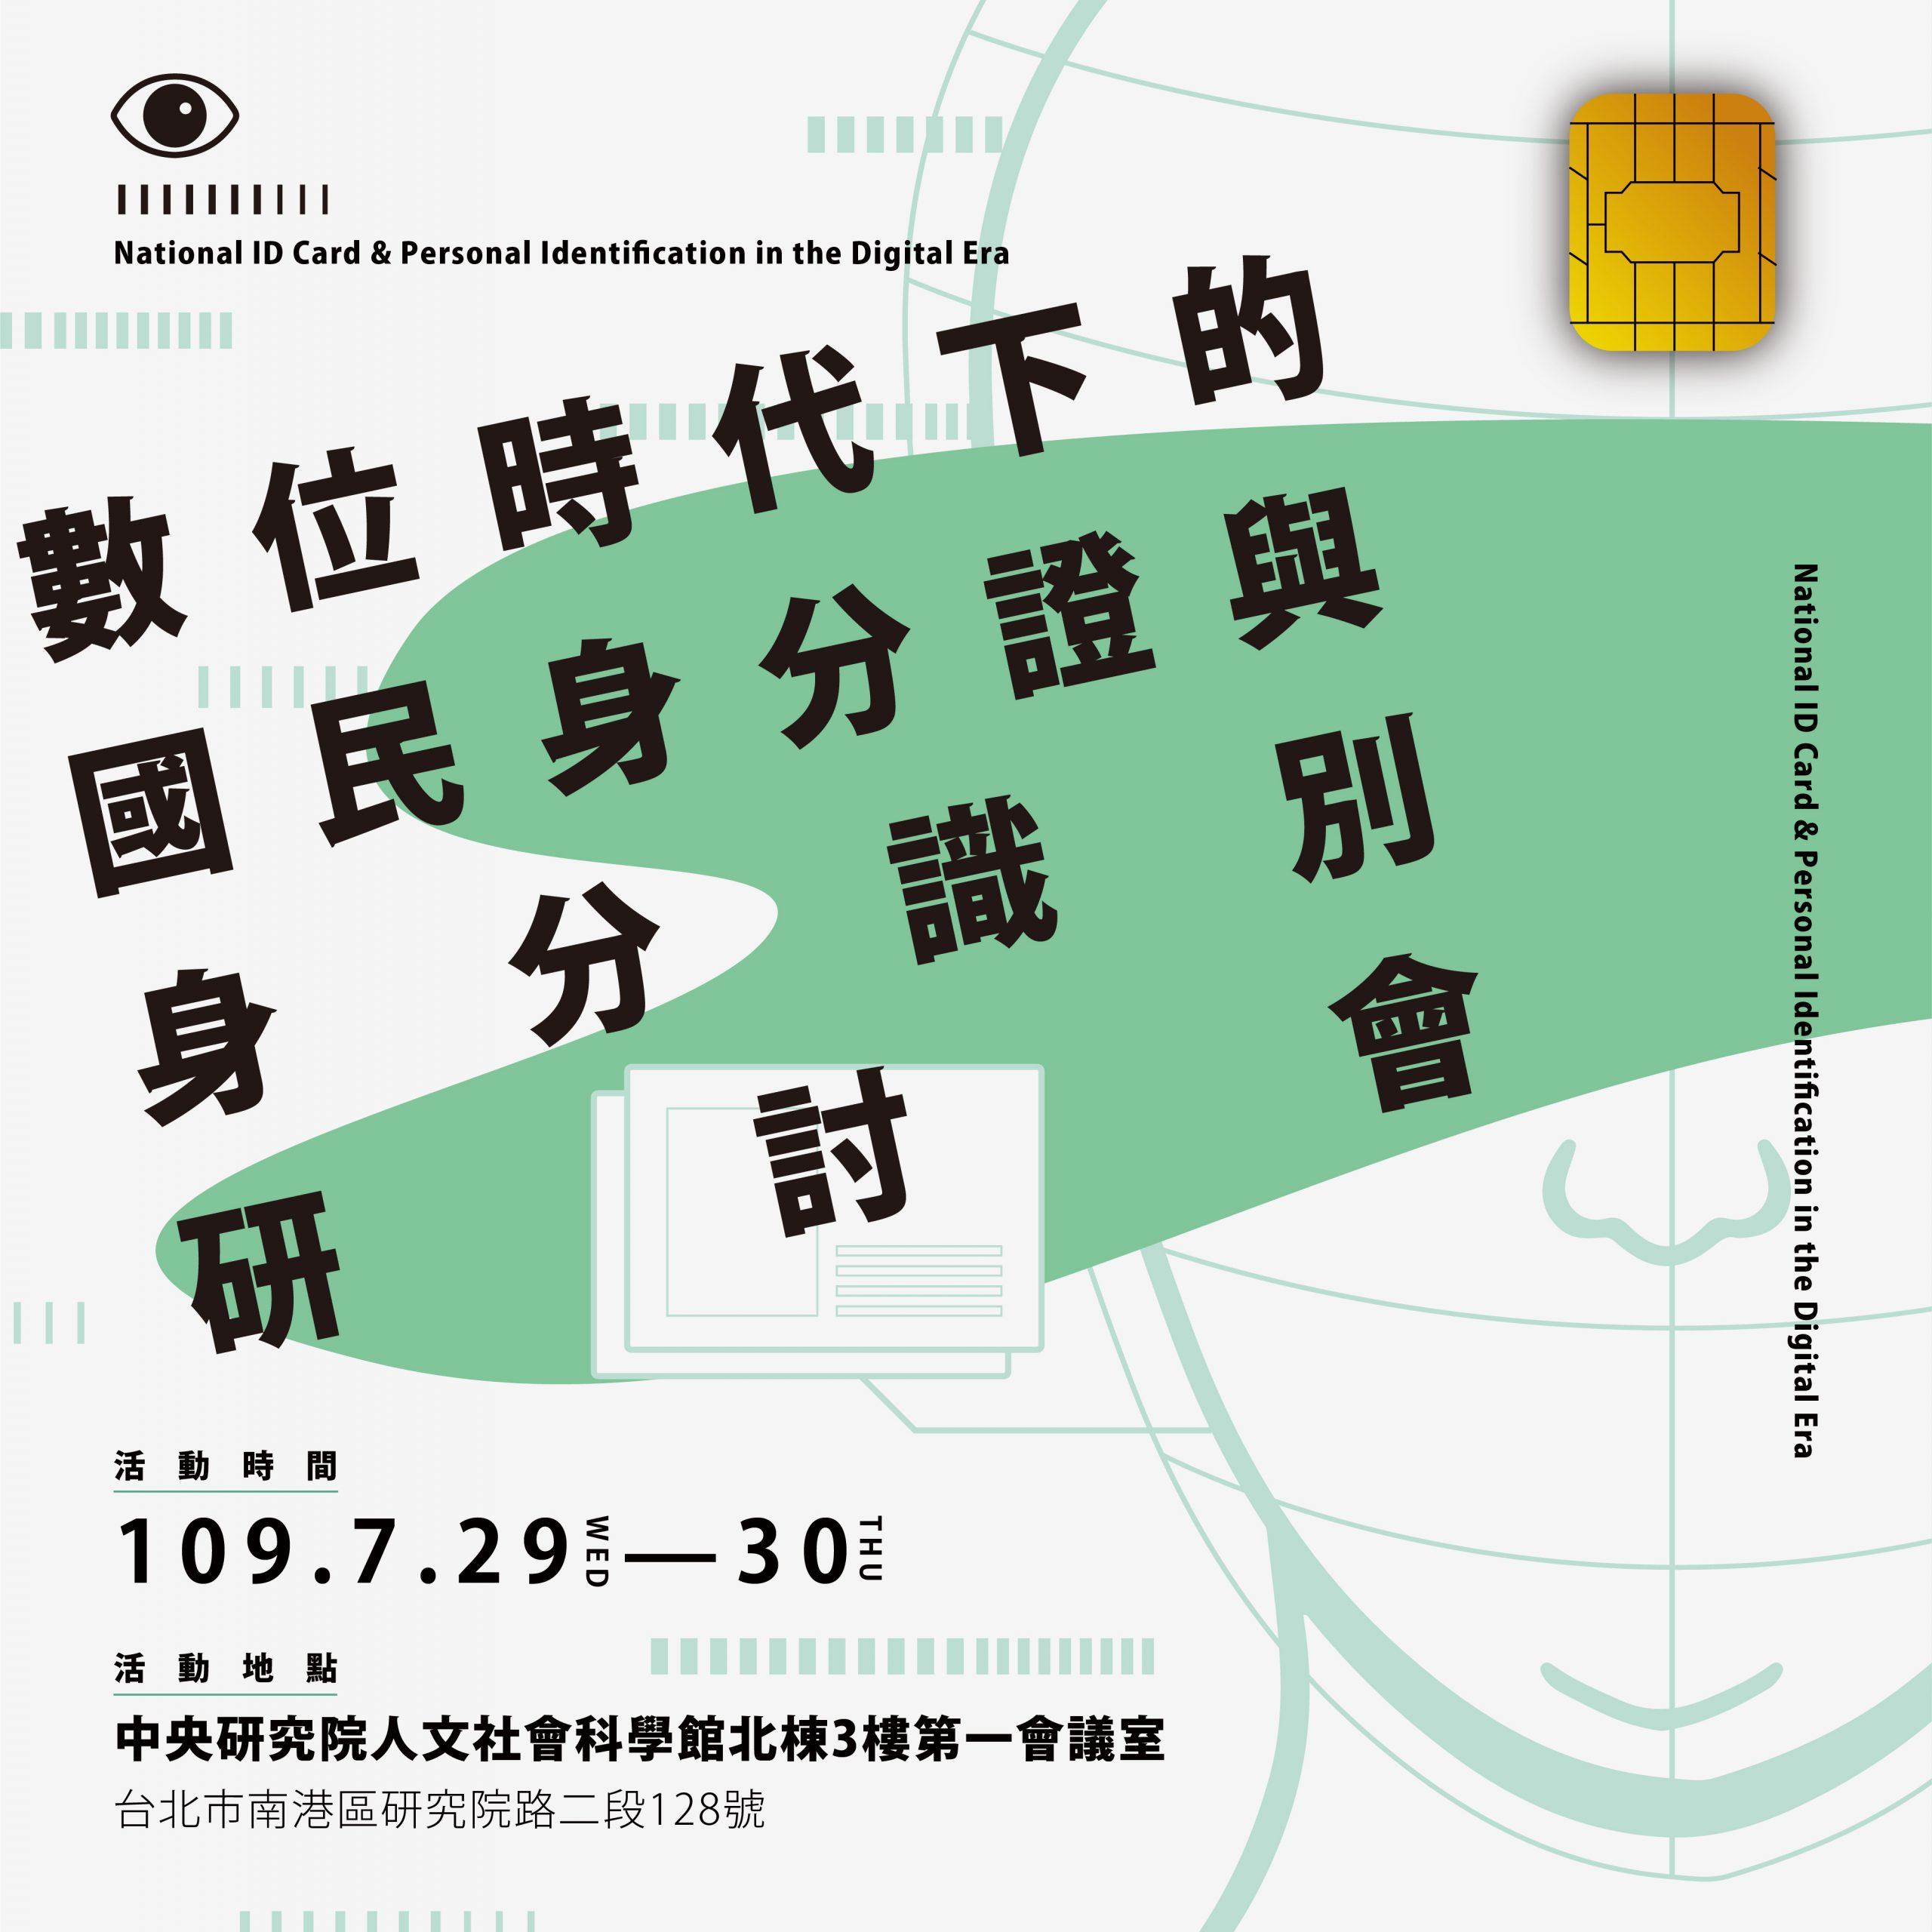 「數位時代下的國民身分證與身分識別」 研討會:影片